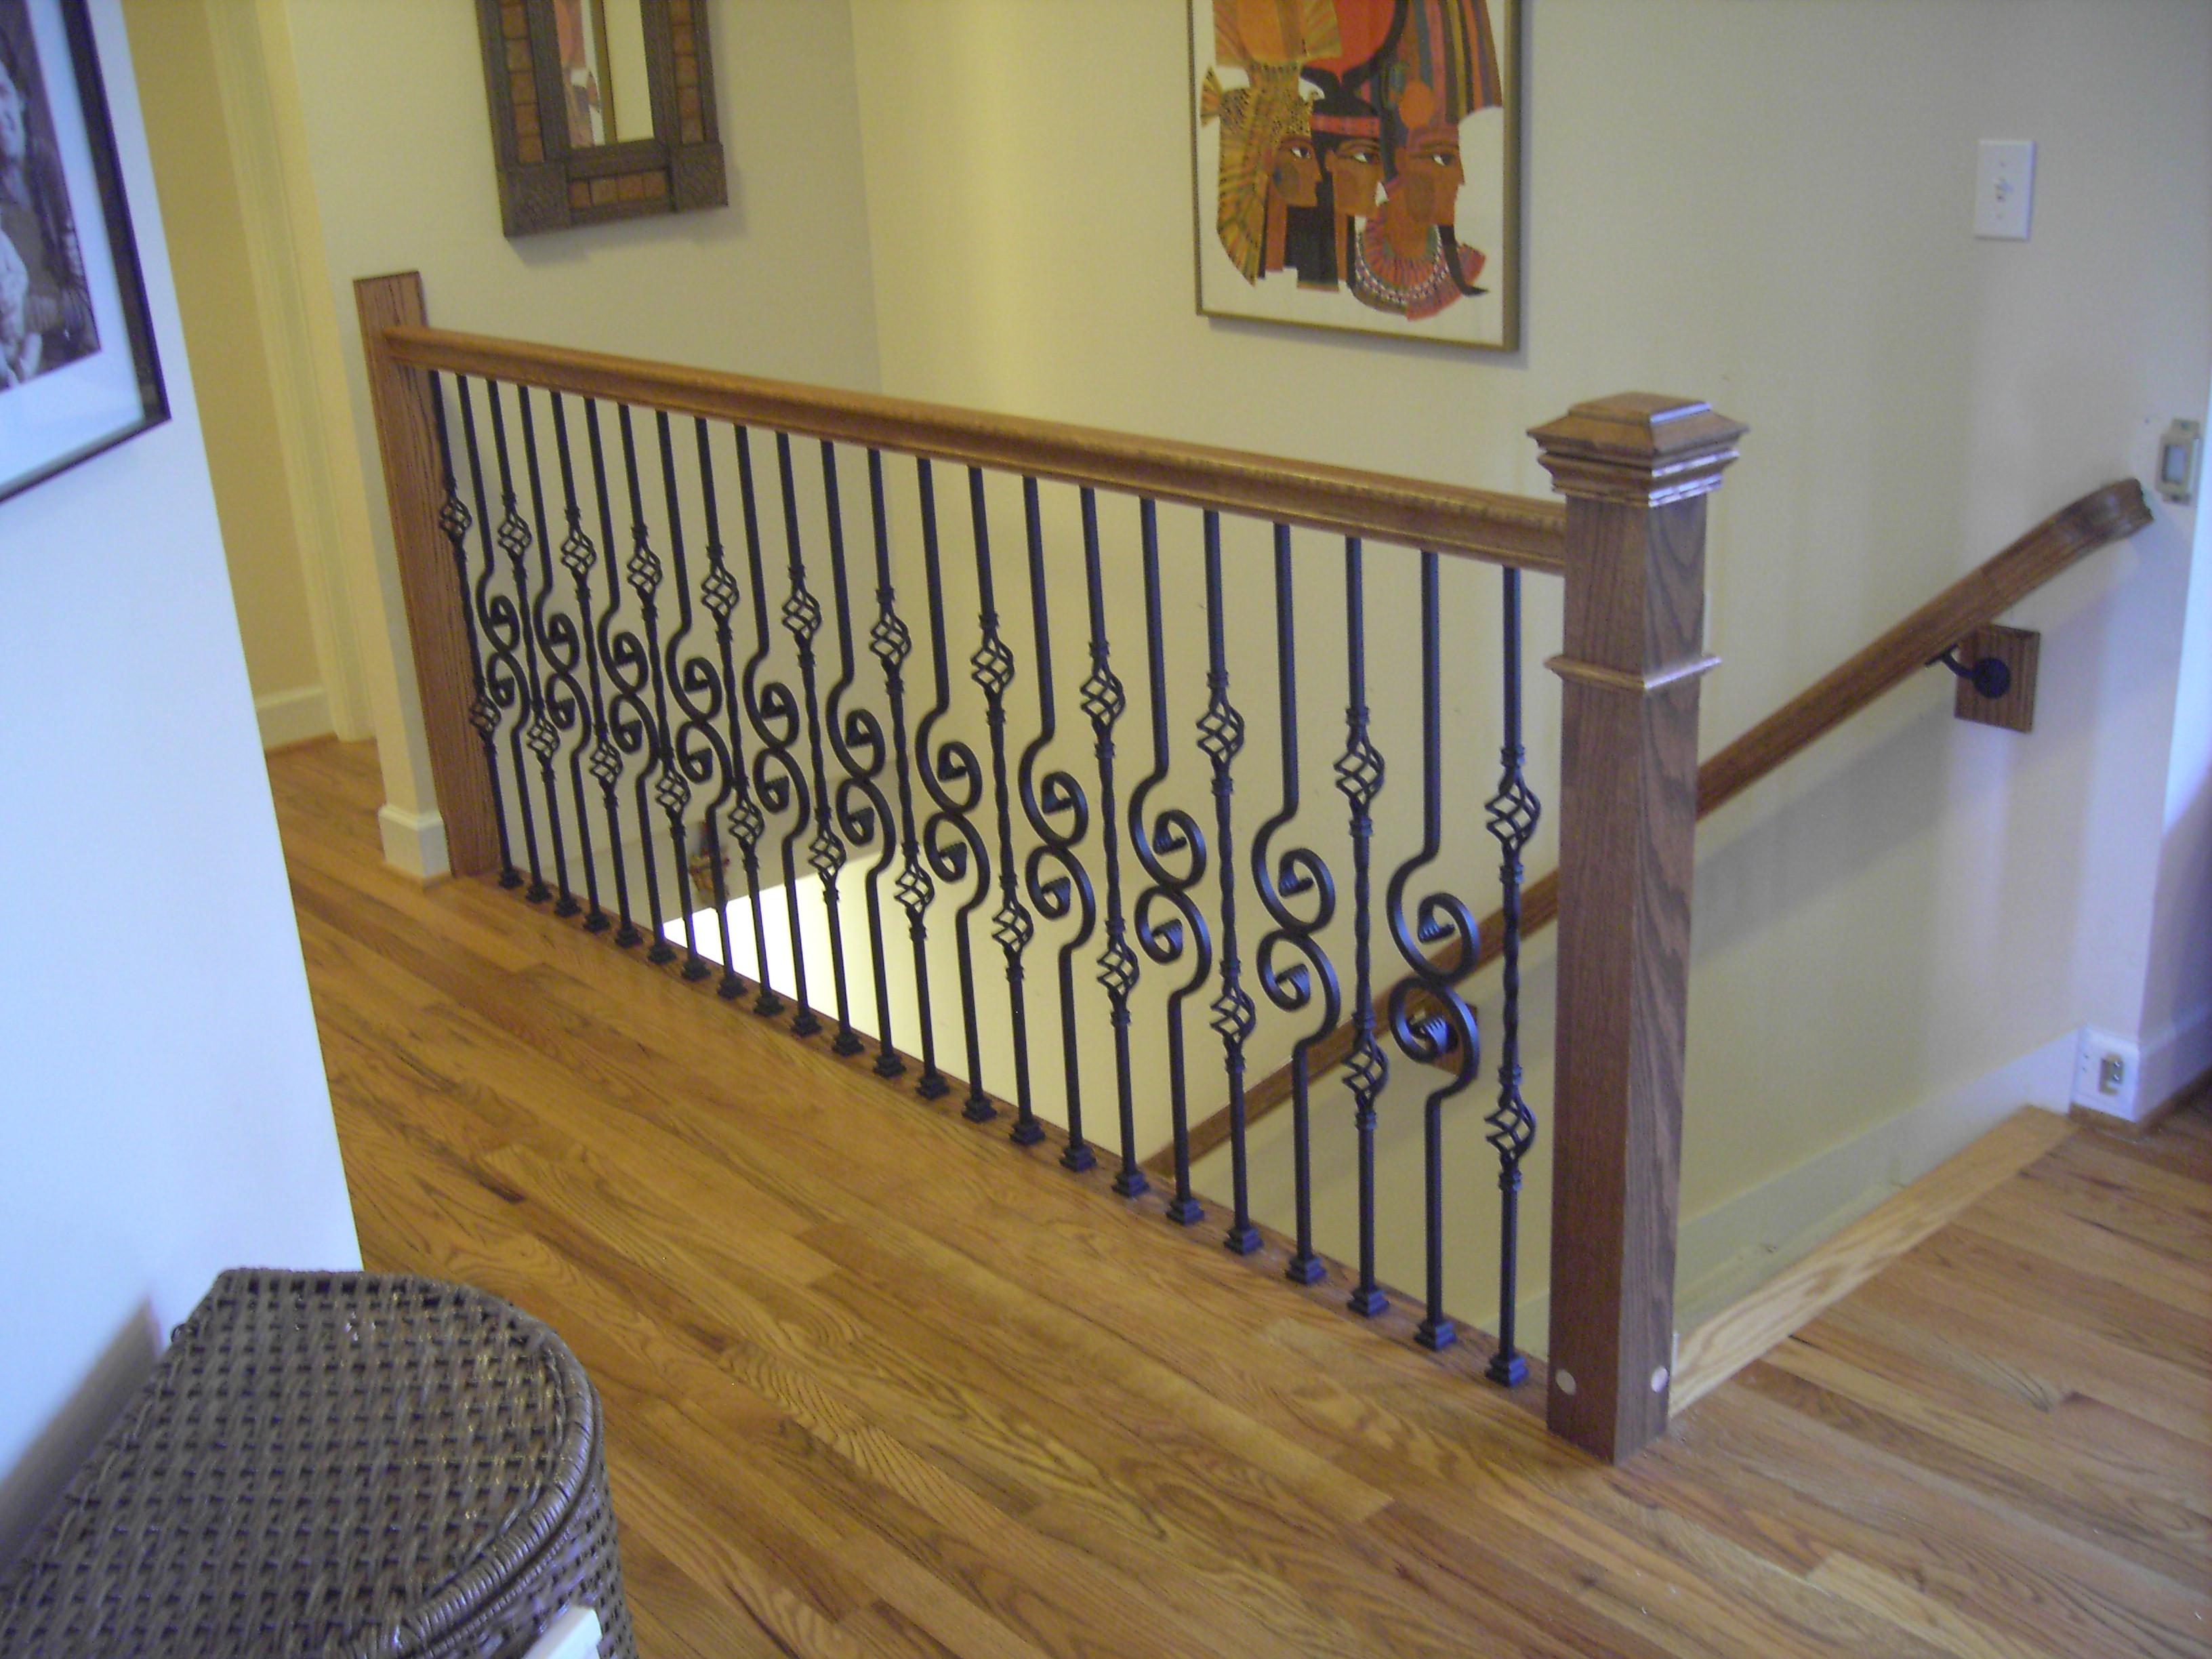 St. Louis Stair U0026 Wood Works,build Remodel,material,advise